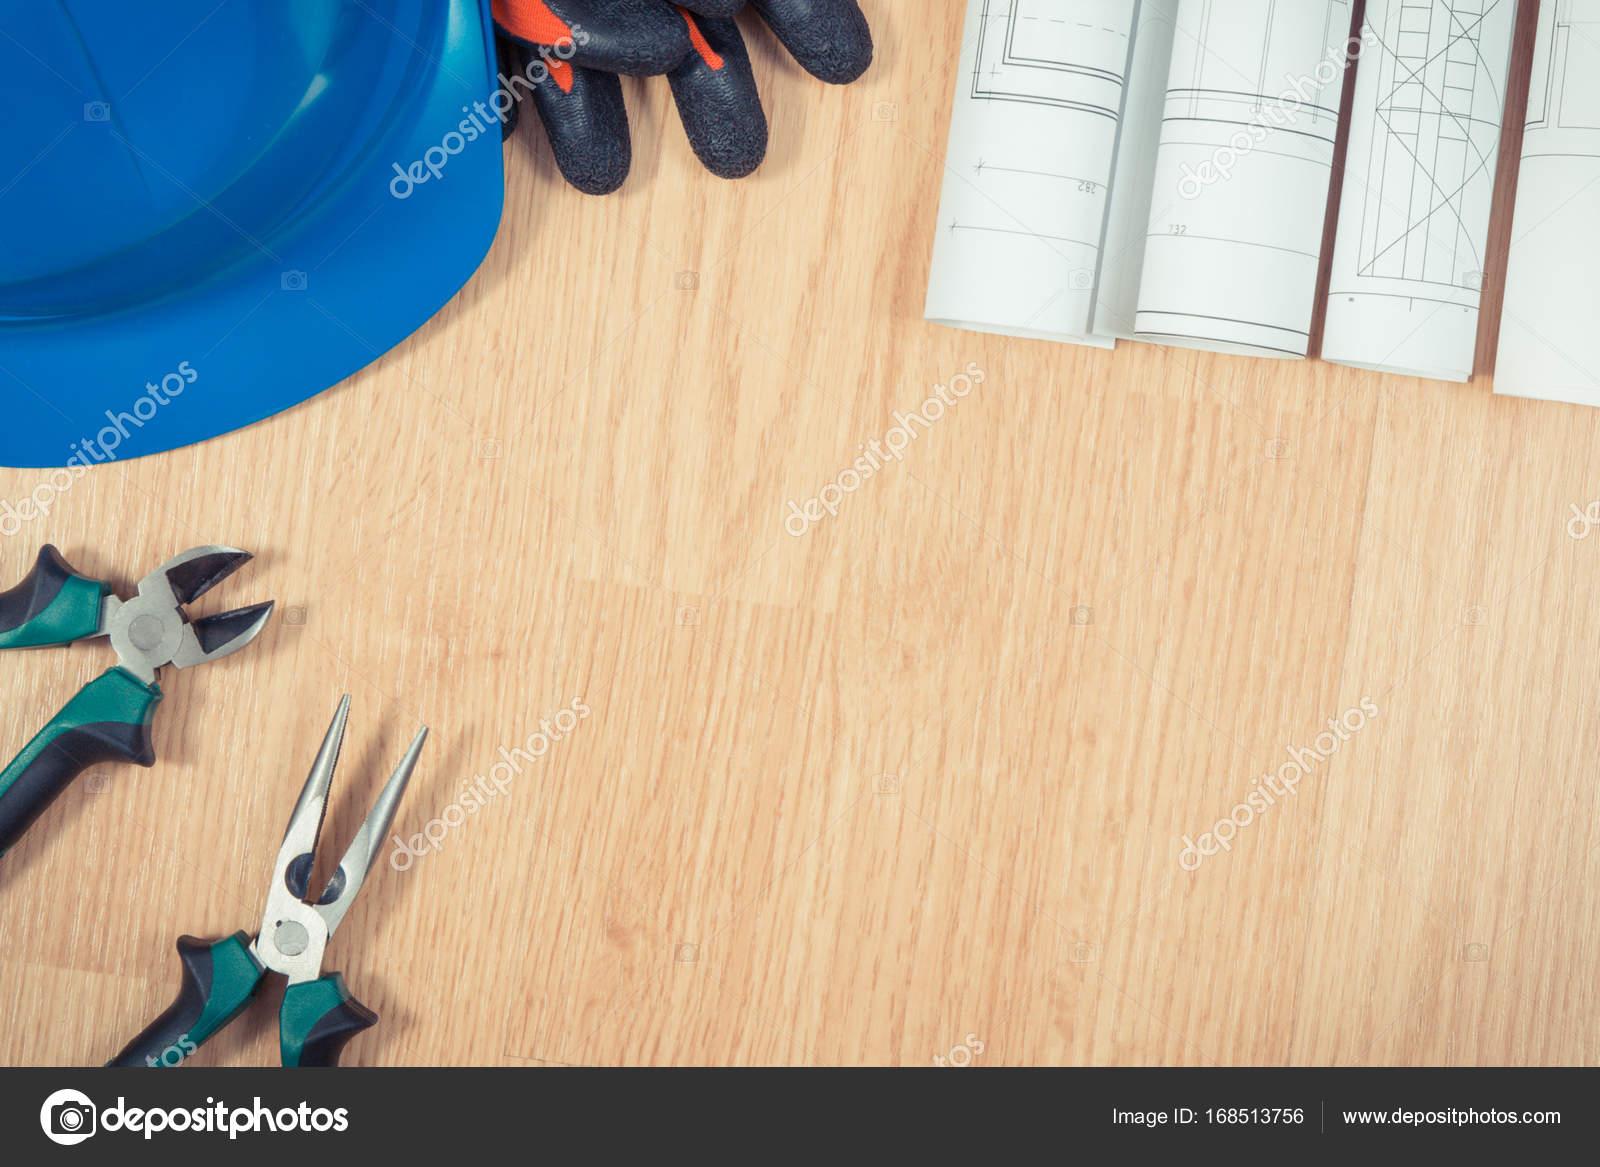 e8f9678a4f5f6 Diagrammes et dessins de construction électrique, casque de protection bleu  avec des gants et une pince métallique, accessoires pour les travaux de ...